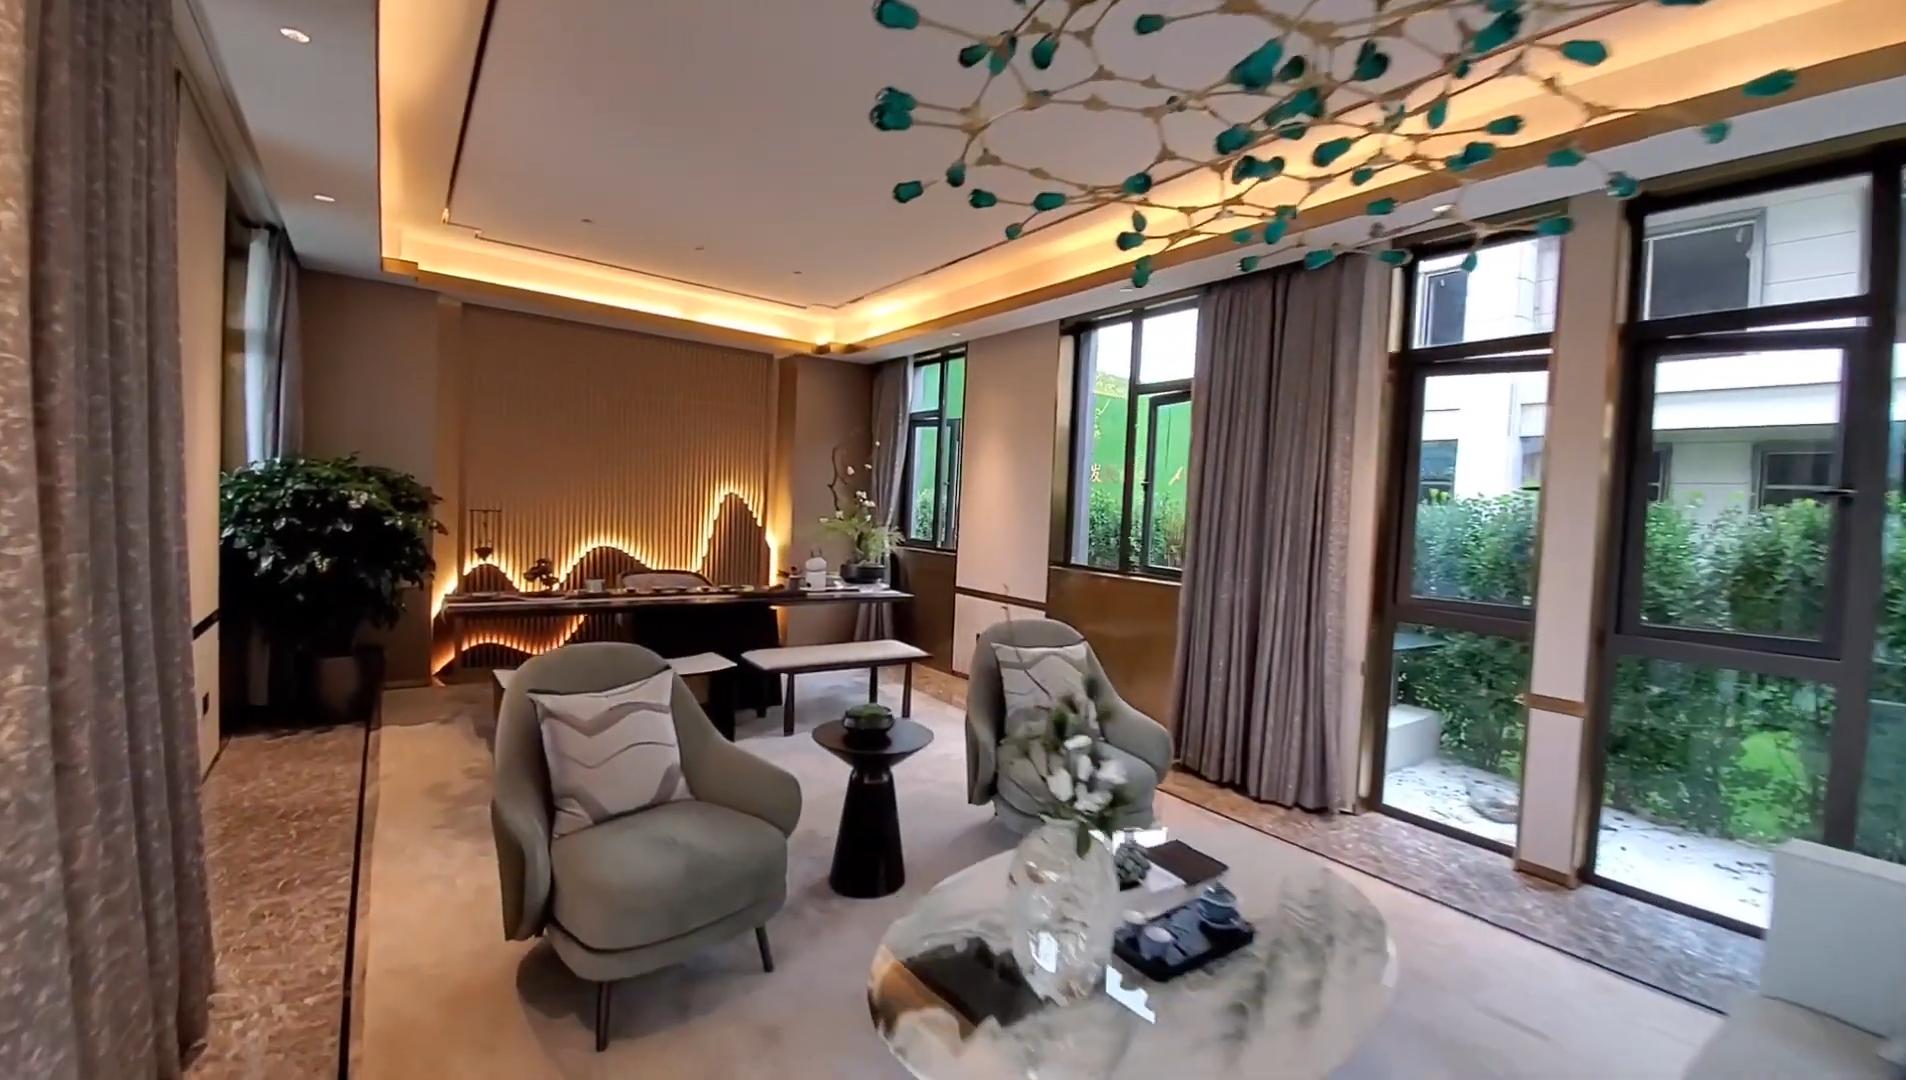 超美中国风别墅:占地365平,走进去才知道什么叫低调的奢华